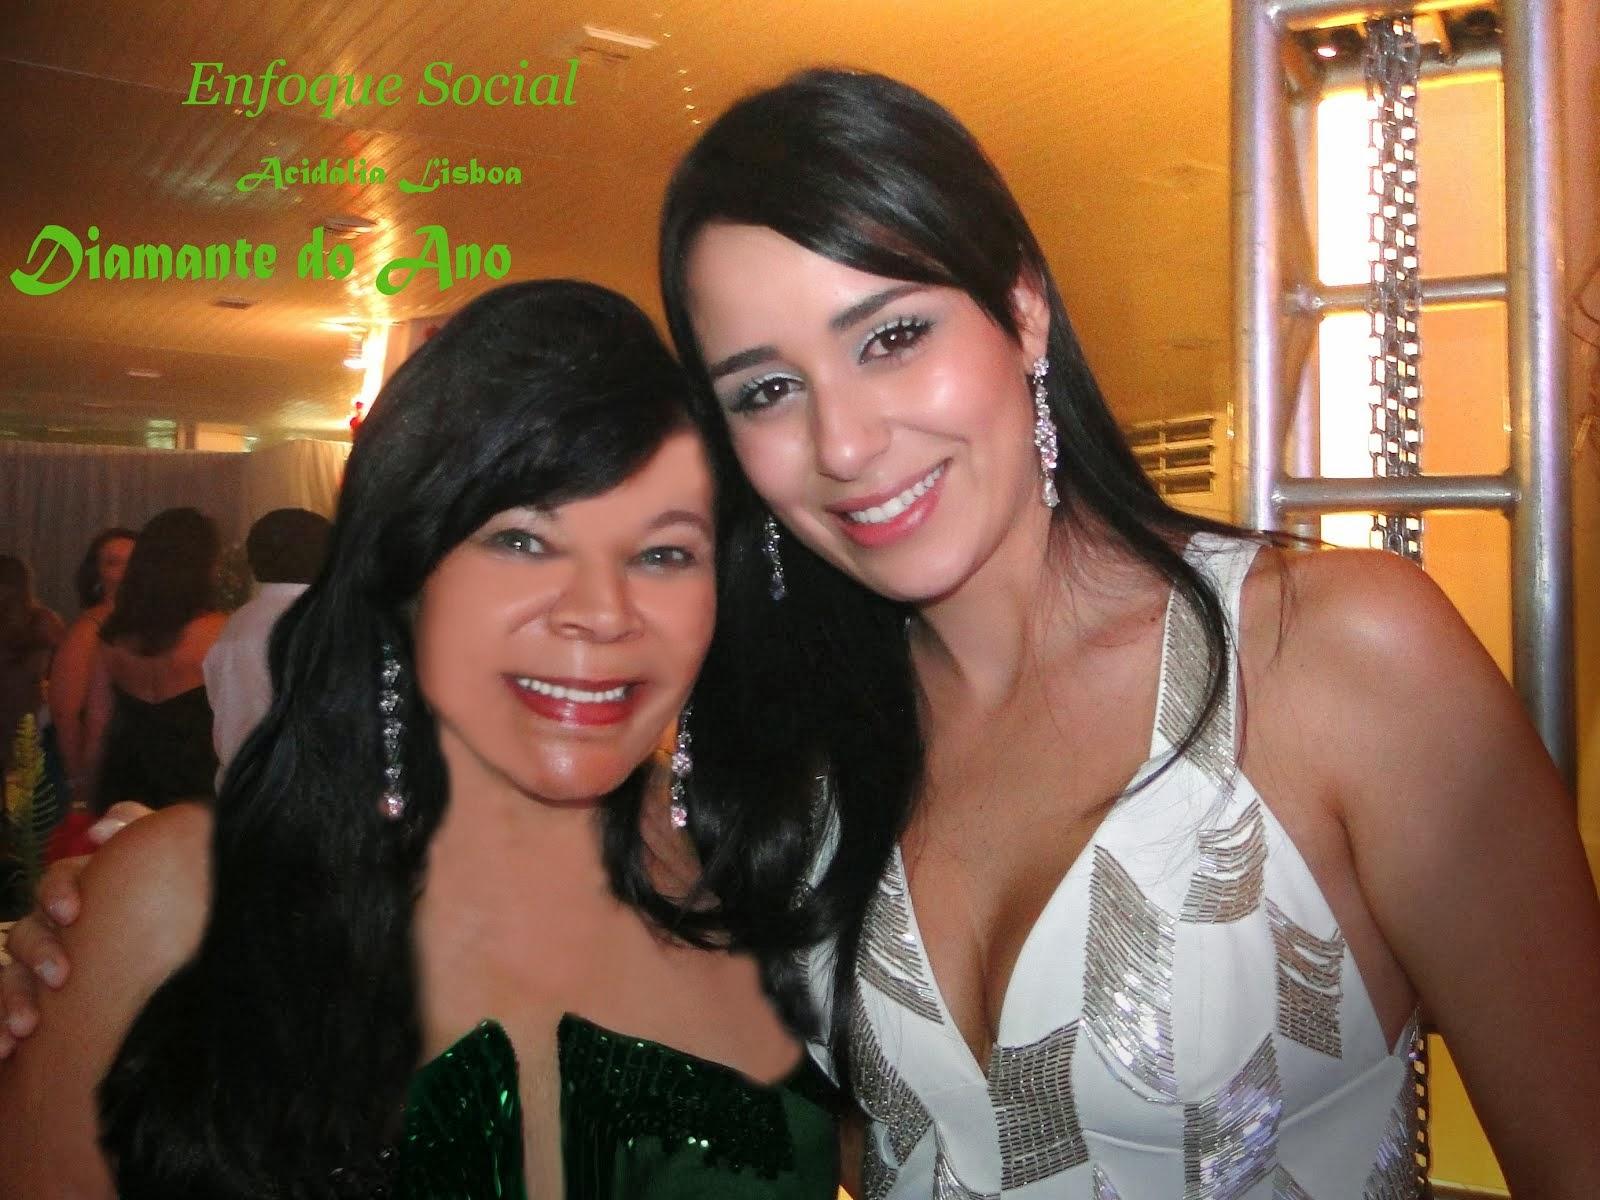 Letícia Santiago e a Colunista em Acontecimento Máximo em Diamantina...